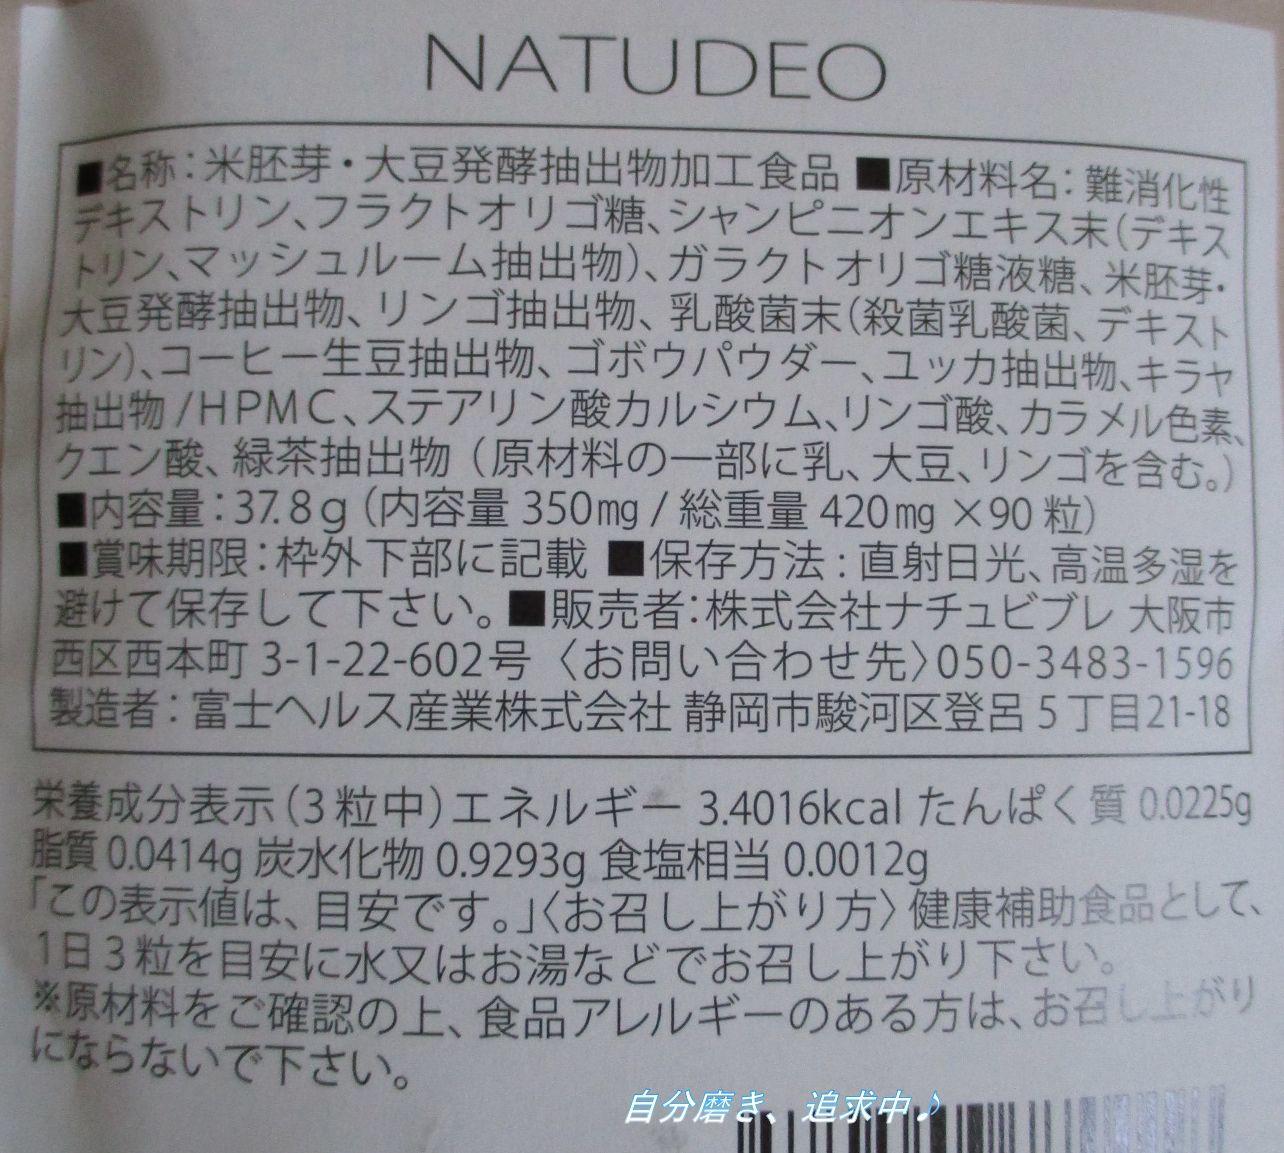 natudeo2.jpg